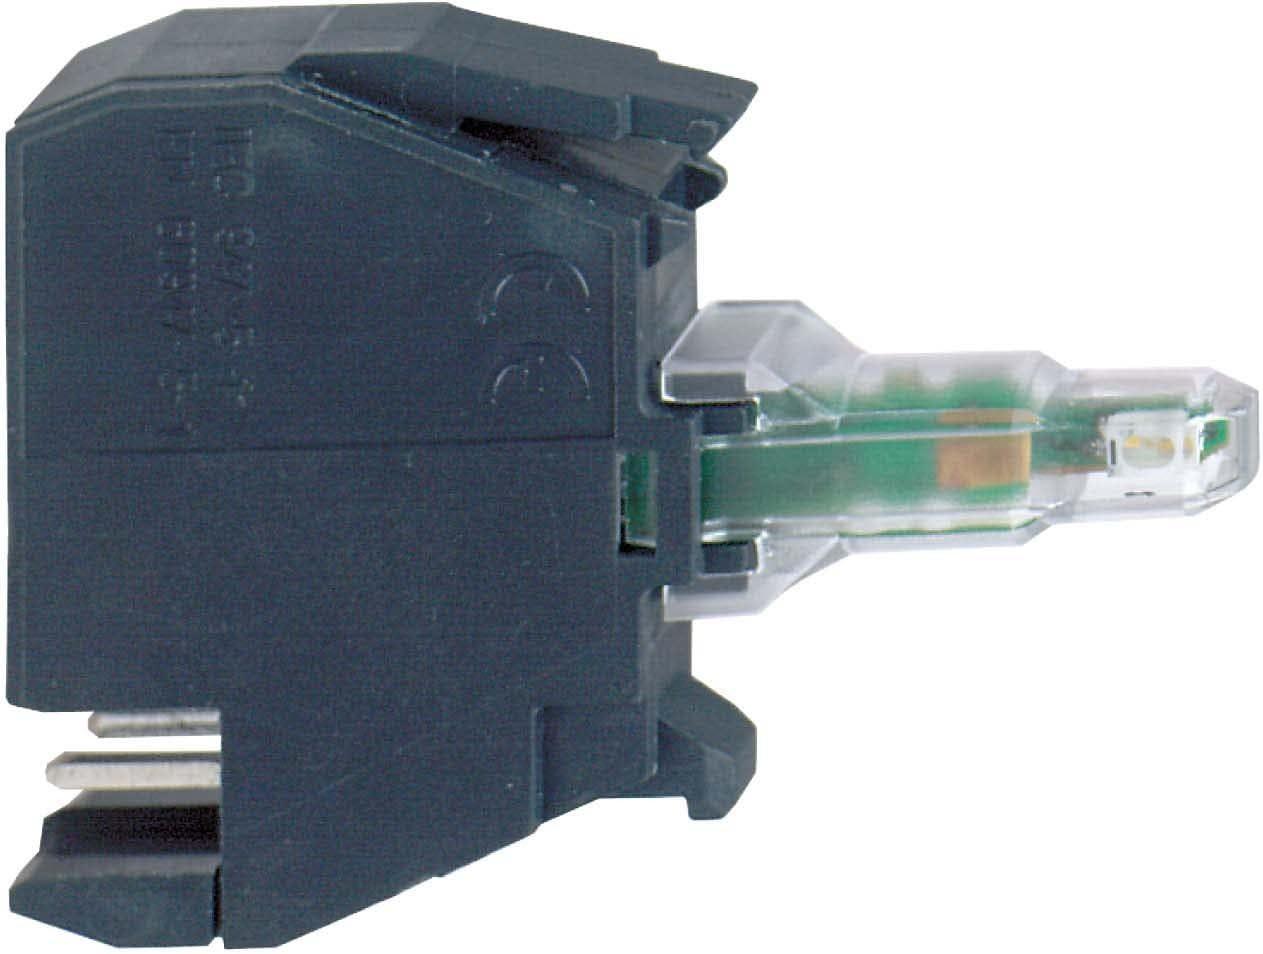 Schneider elec pic - mss 40 17 - Bloque luminoso diámetro 22 24v azul conector